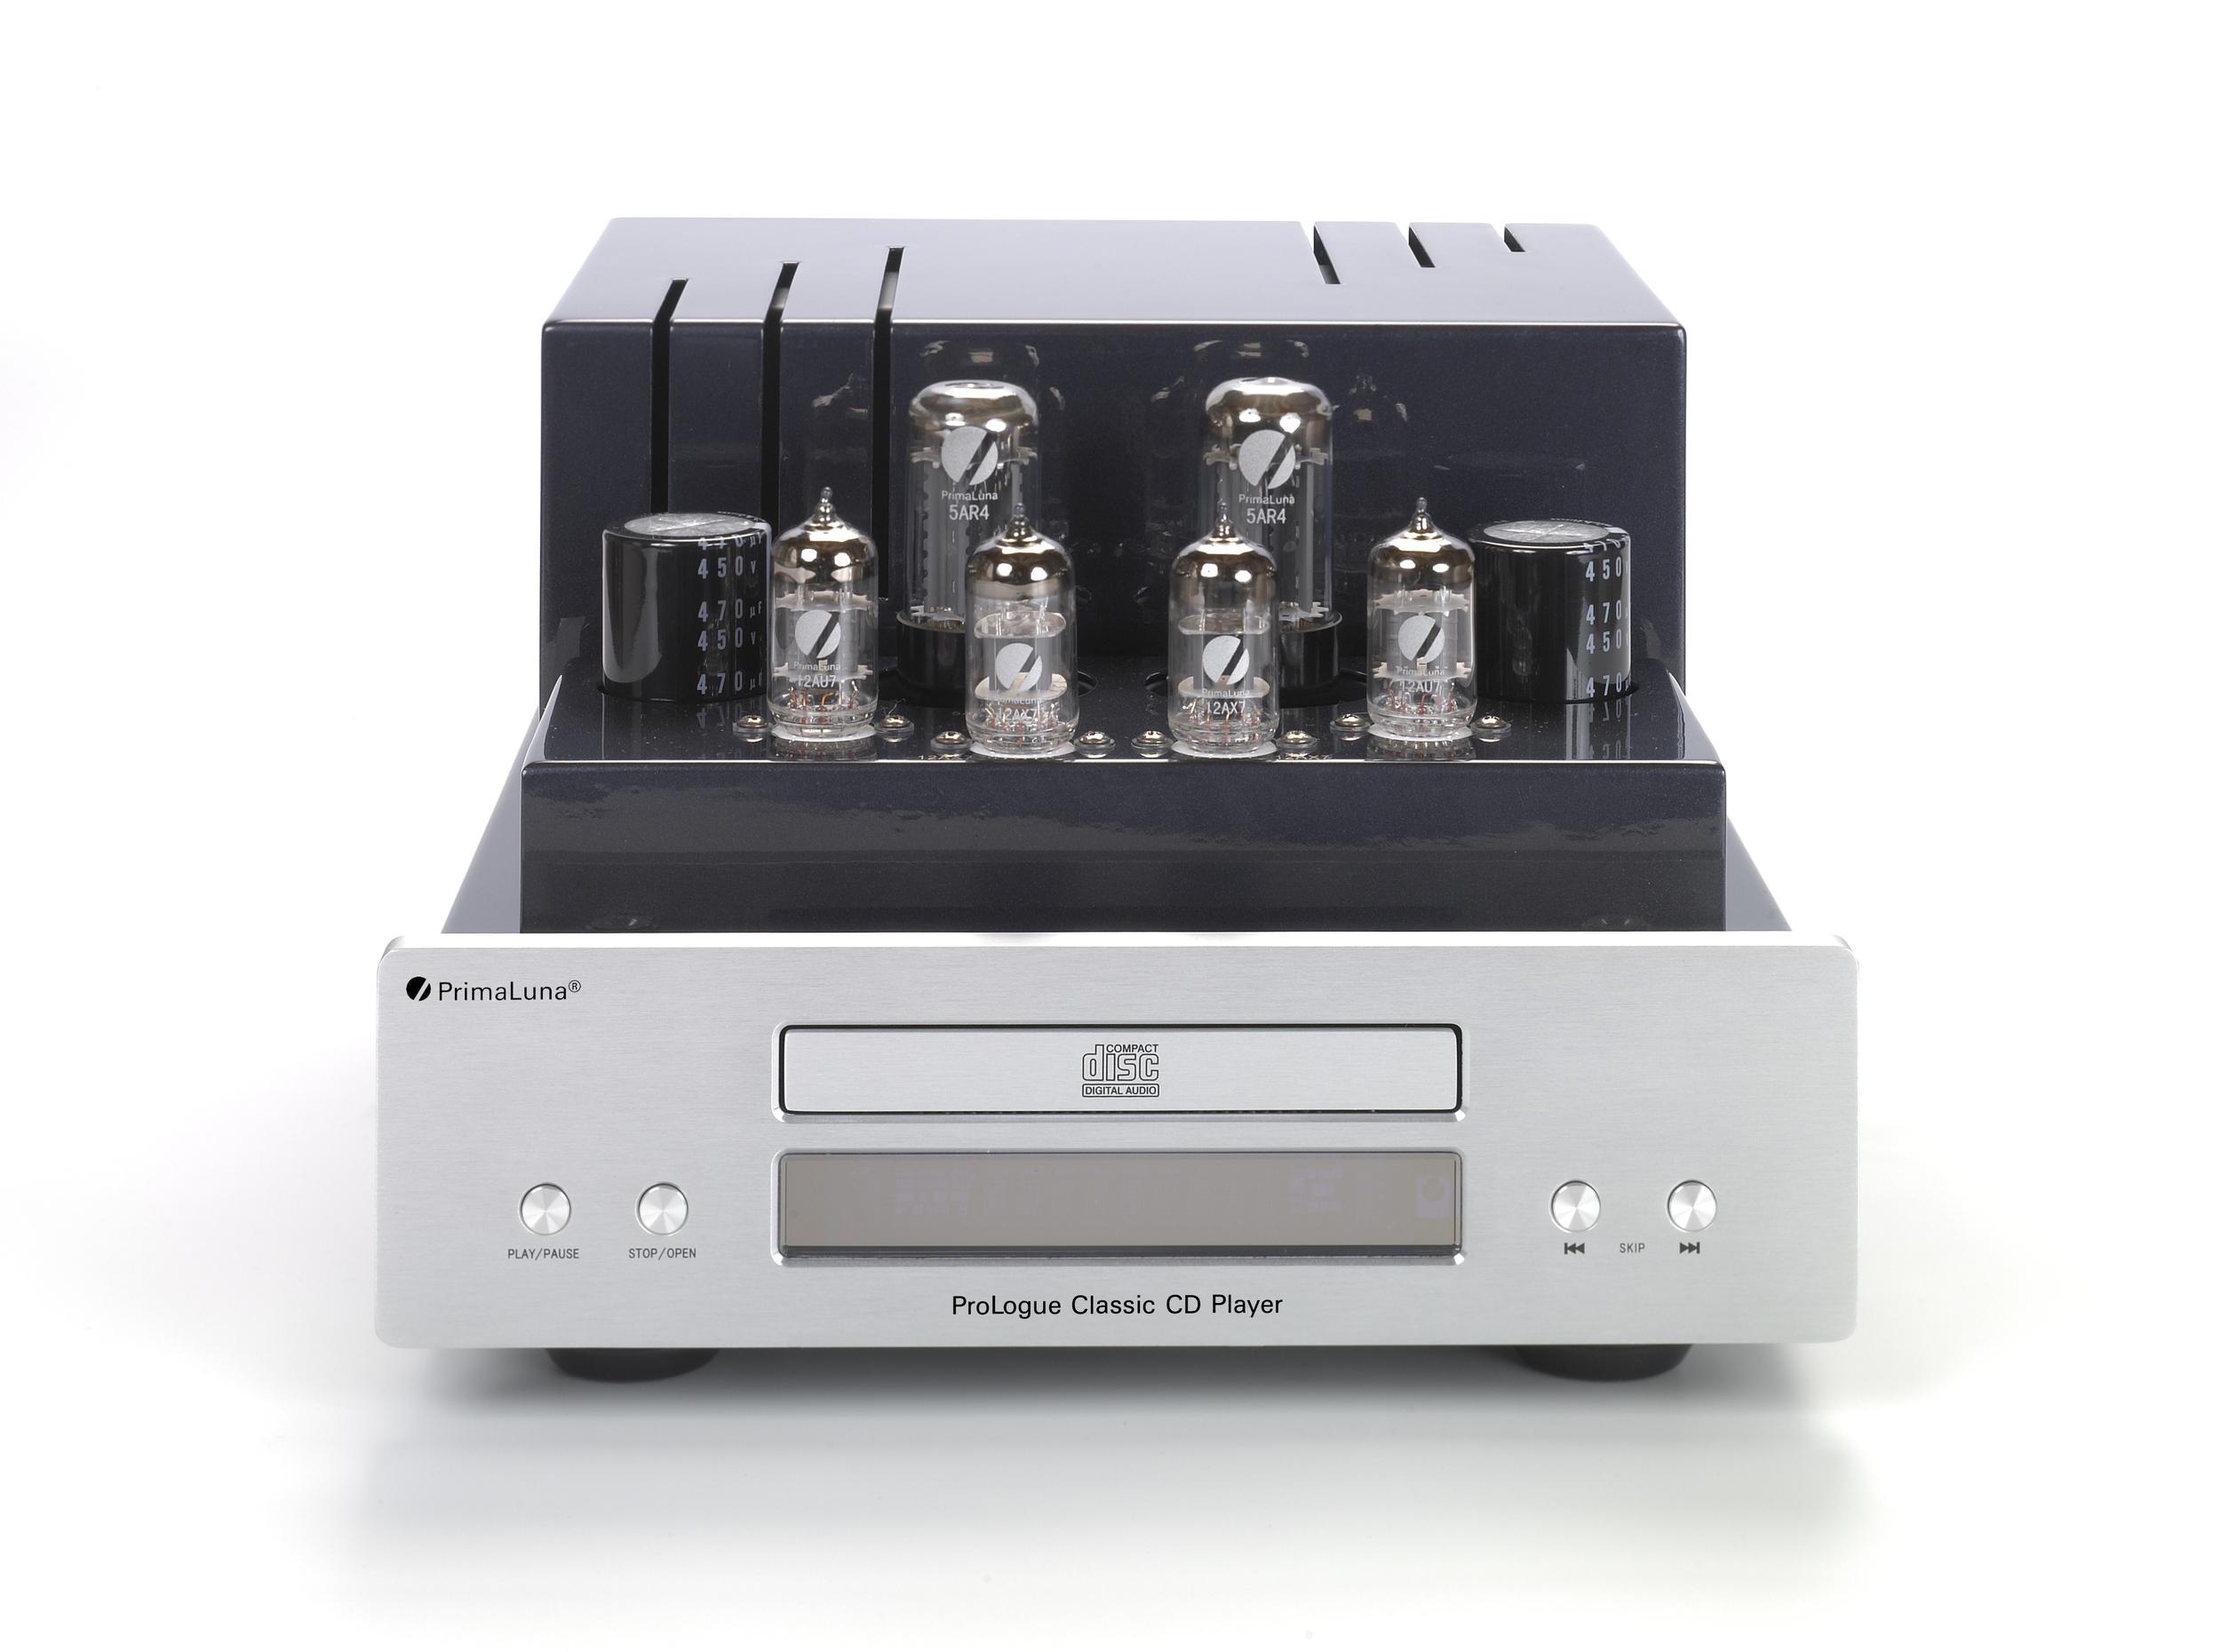 008-PrimaLuna Classic CD Player-zilver.jpg